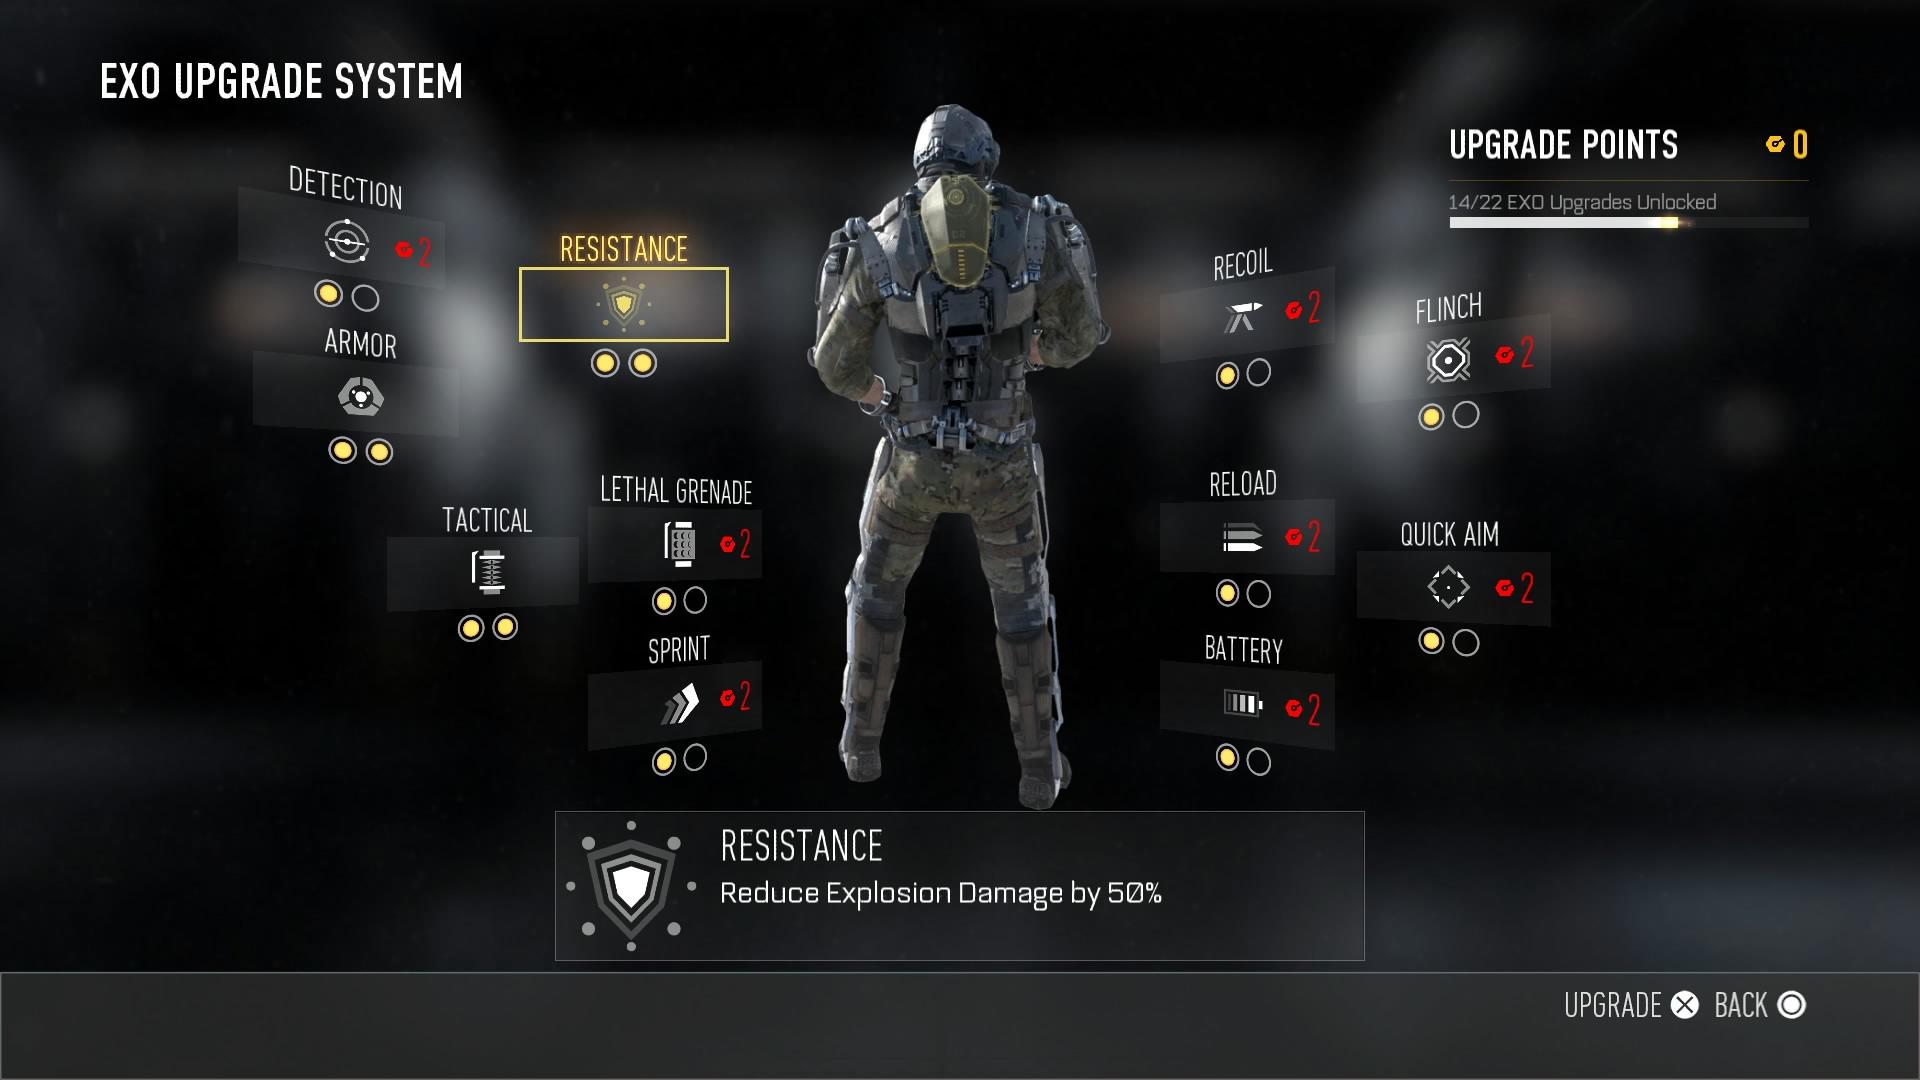 Soluce Call of Duty : Modern Warfare 3. En ayant fait passer l'horrible carnage de l'aéroport pour une attaque américaine, Makarov a réussi à embraser le monde.